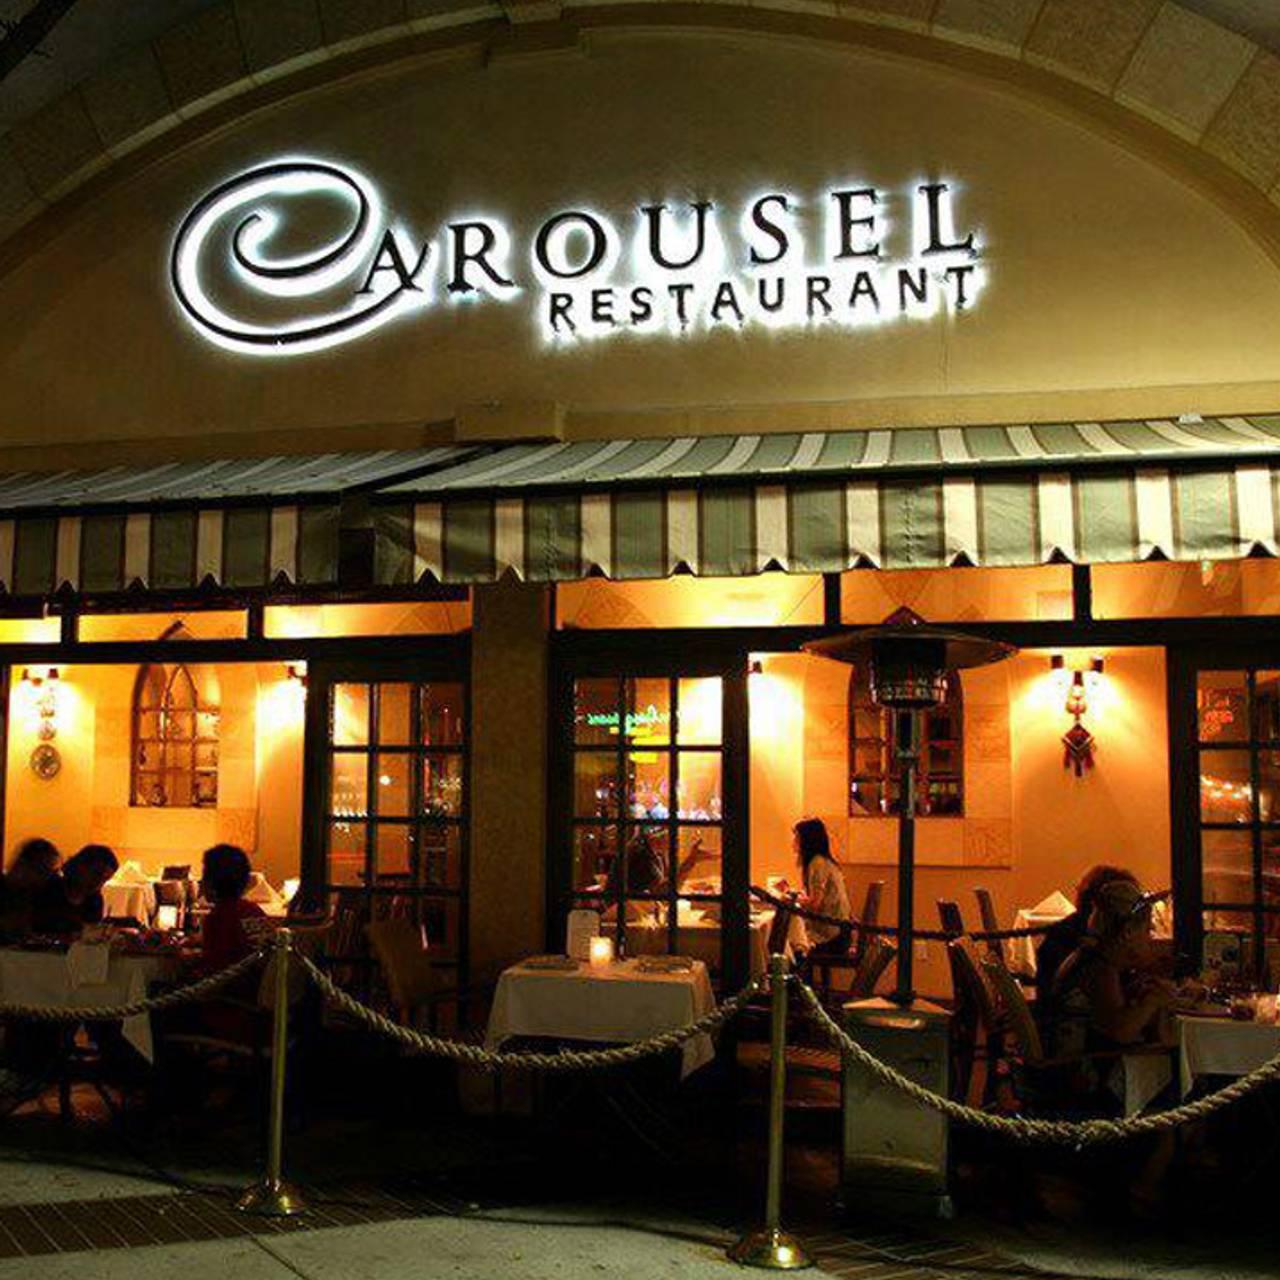 Carousel Restaurant - Glendale, CA | OpenTable